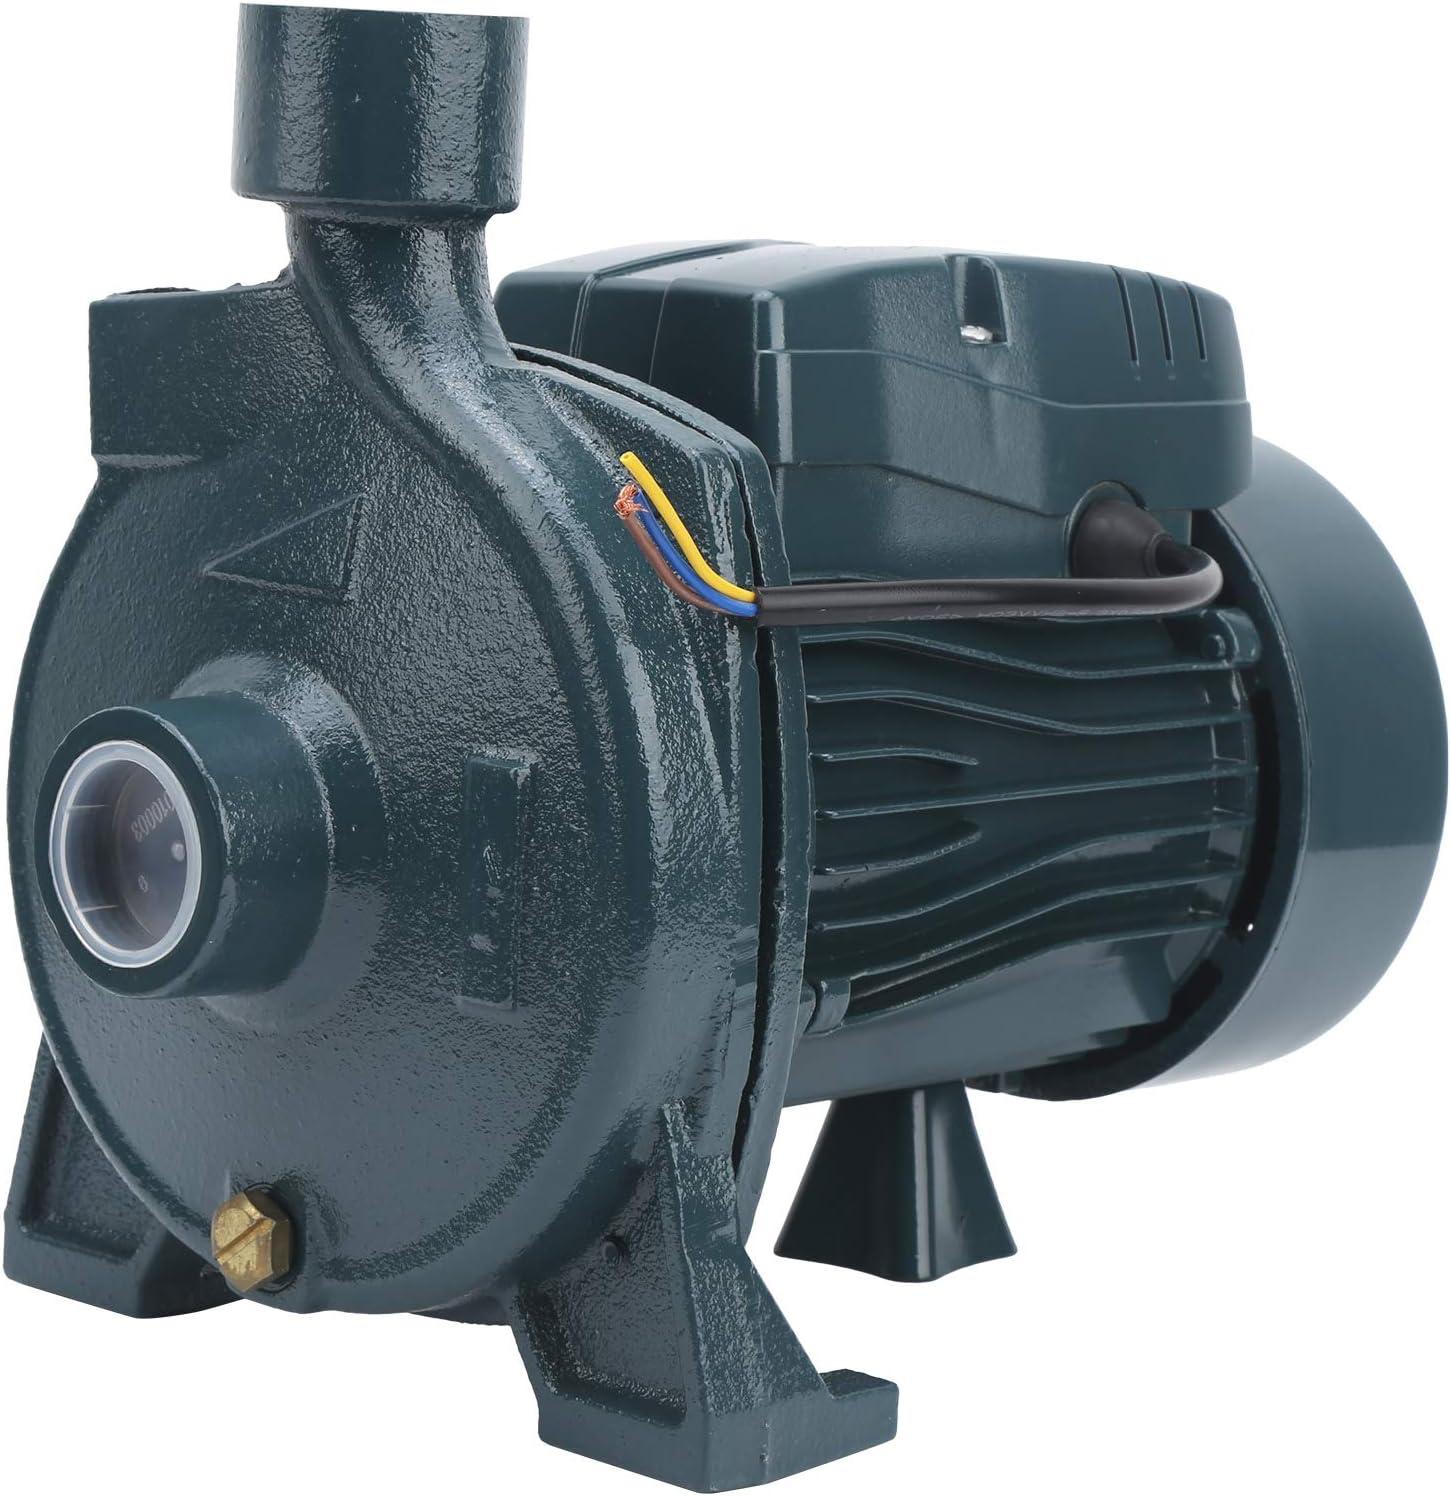 Bomba de circulación, doble efecto de sellado Bomba de recirculación de agua caliente Bomba de recirculación para herramientas hidráulicas para suministros industriales(AC220V)